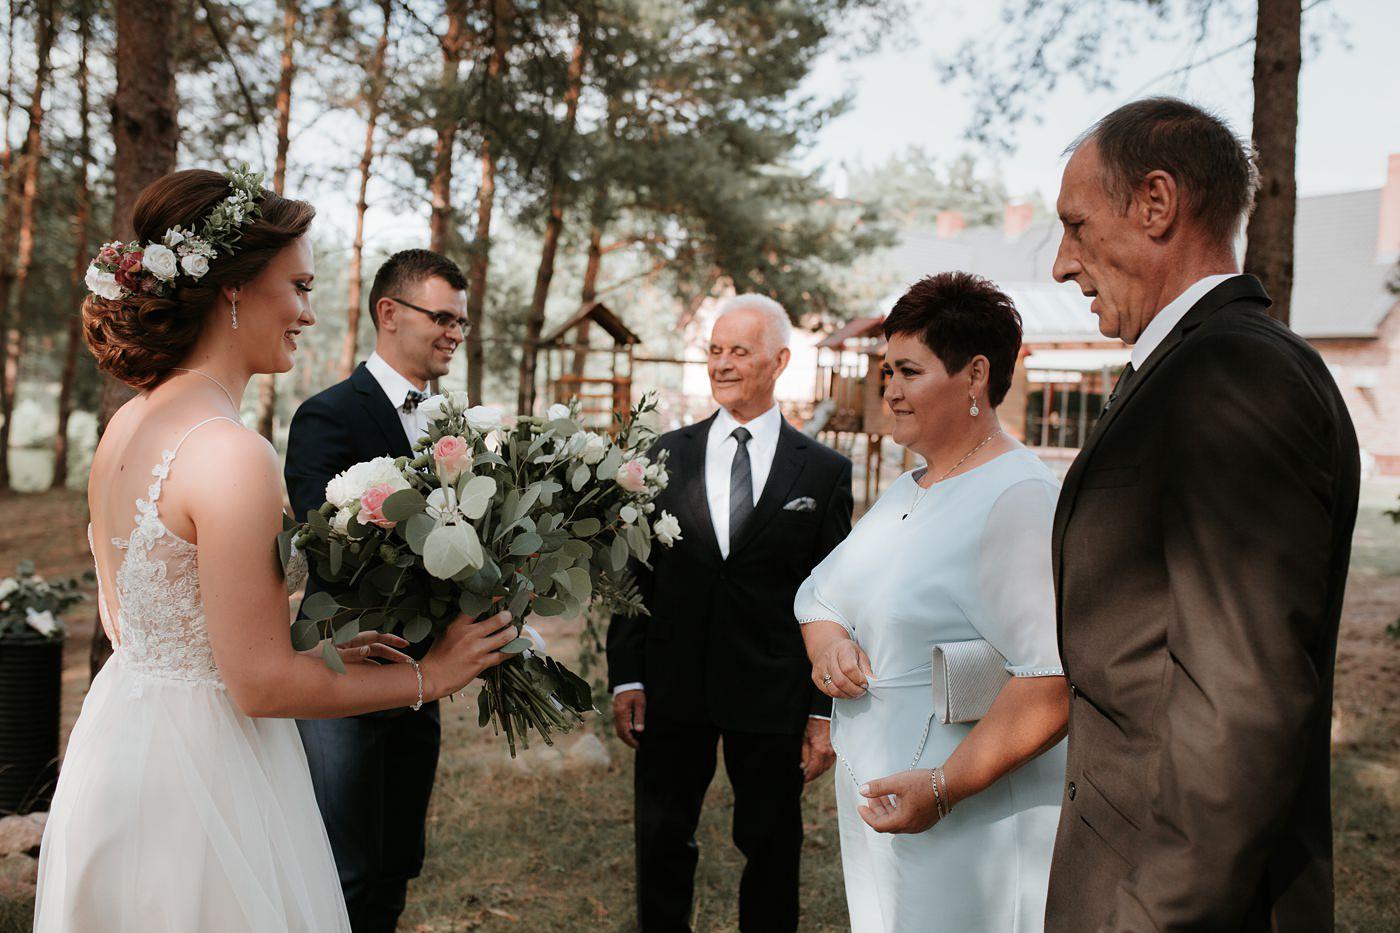 Anna & Wojtek - Ślub cywilny w plenerze - Barnówko w Sam Las 45